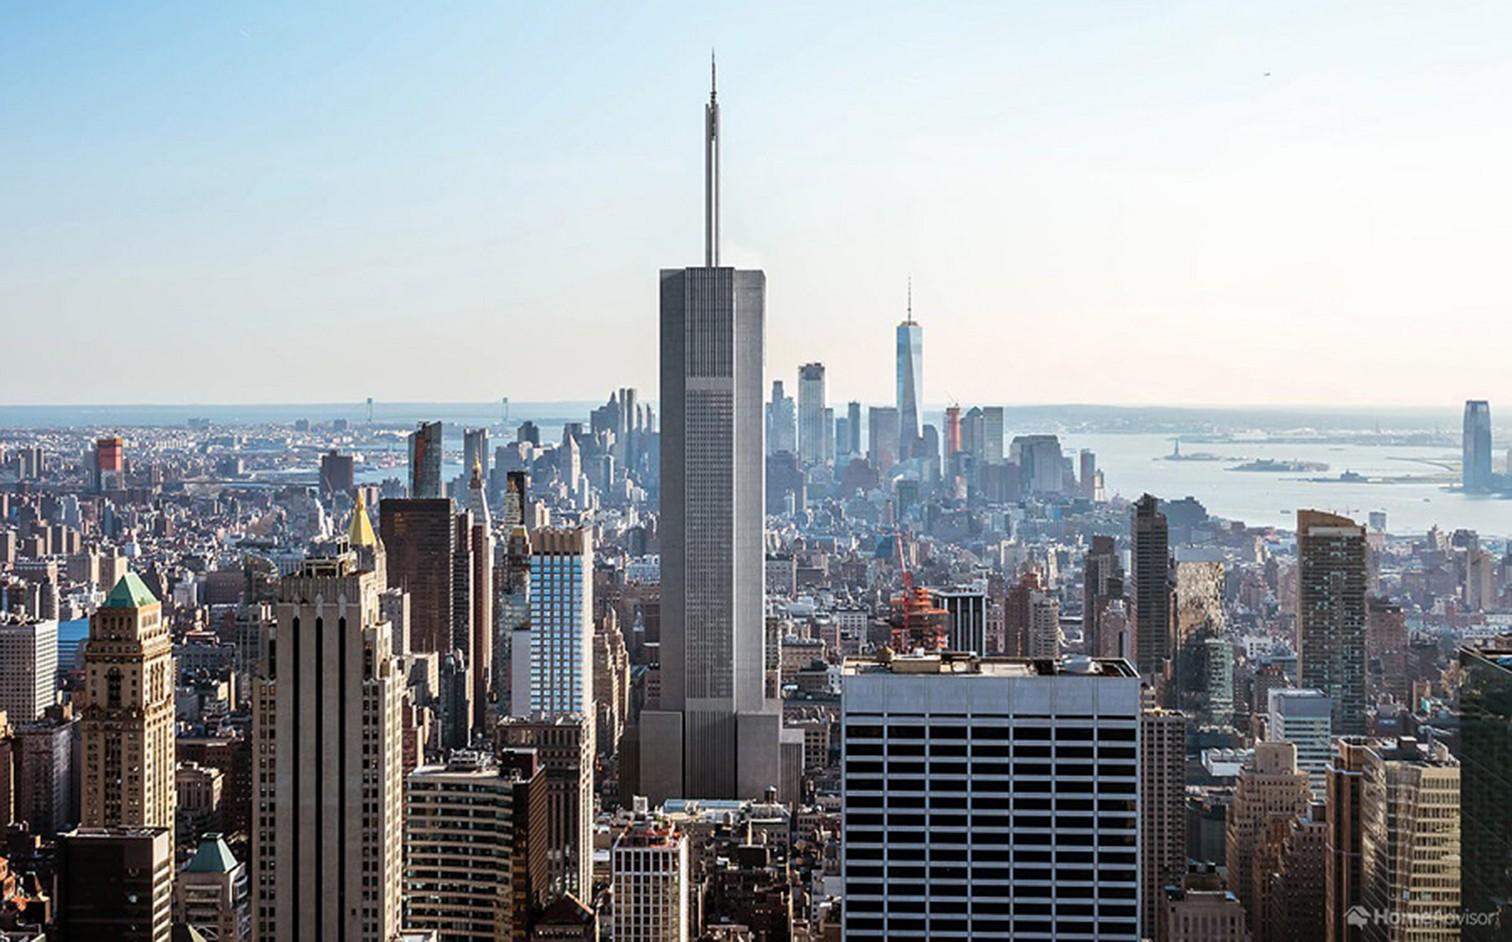 Das Empire State Building als brutalistisches Gebäude. Seit seiner Entstehung wurde der Brutalismus gleichermassen gefeiert und verflucht. Ab den 70ern waren die festungsartigen Betonmonolithen des Stils äusserst unpopulär.